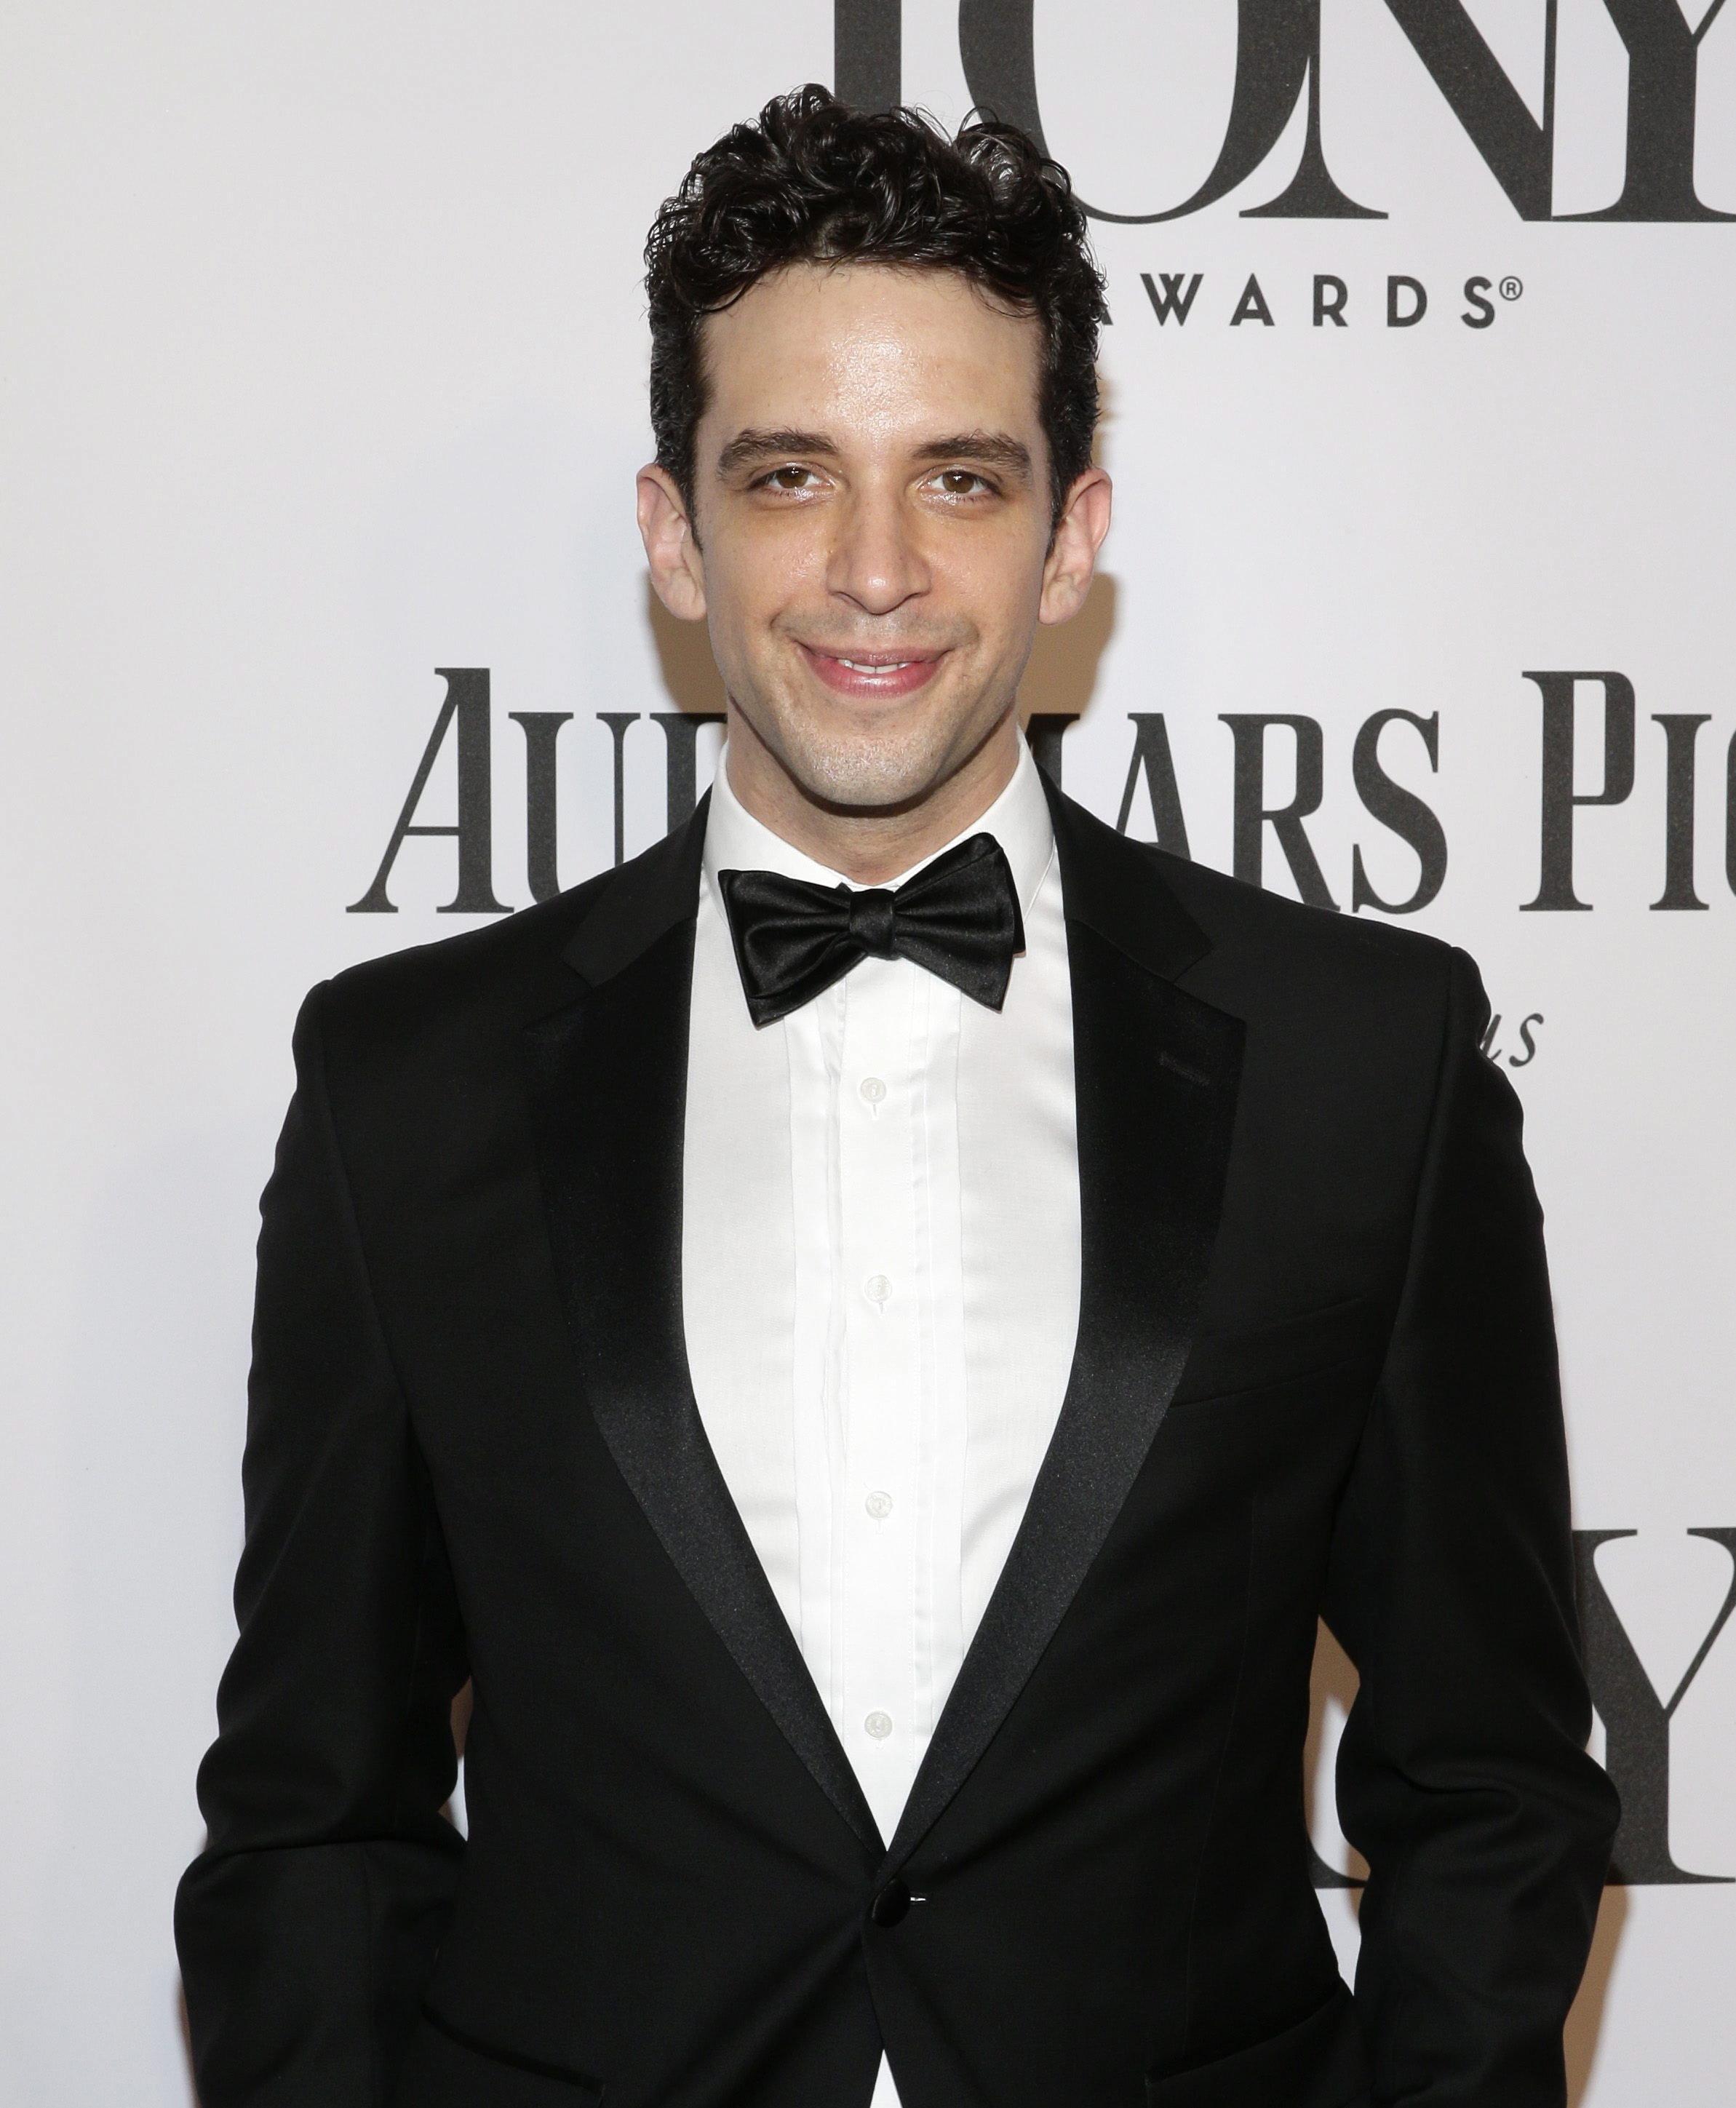 Nick Cordero ist tot: Broadway-Star verliert Kampf gegen COVID-19